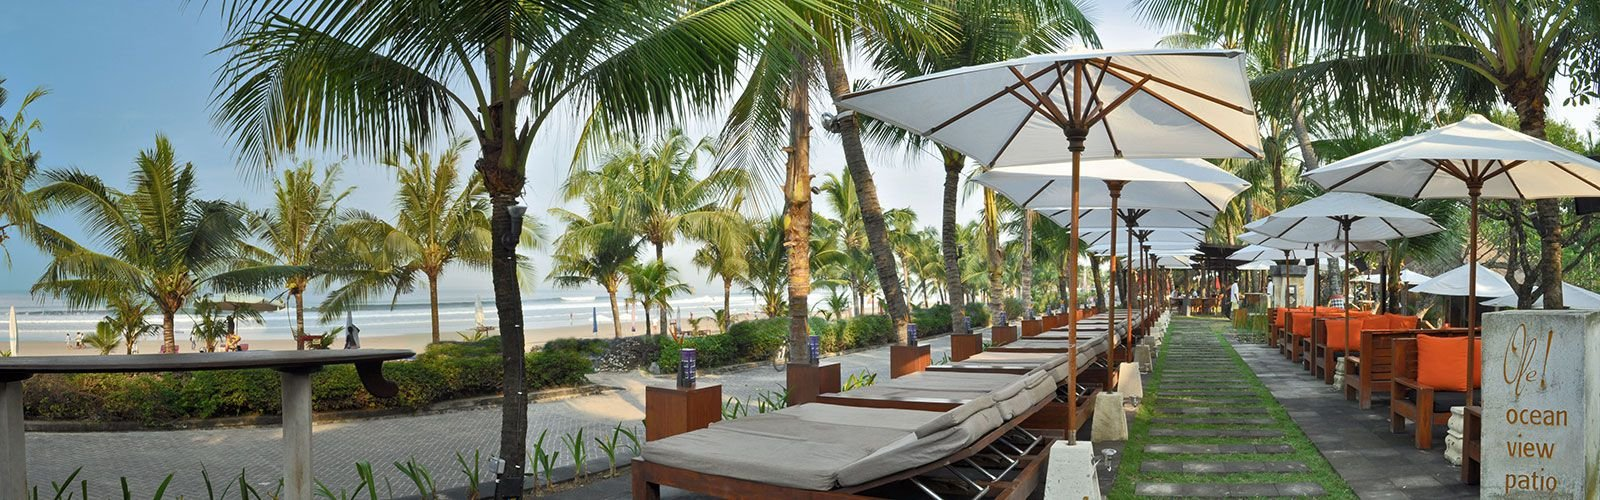 Legian beach hotel, beachfront